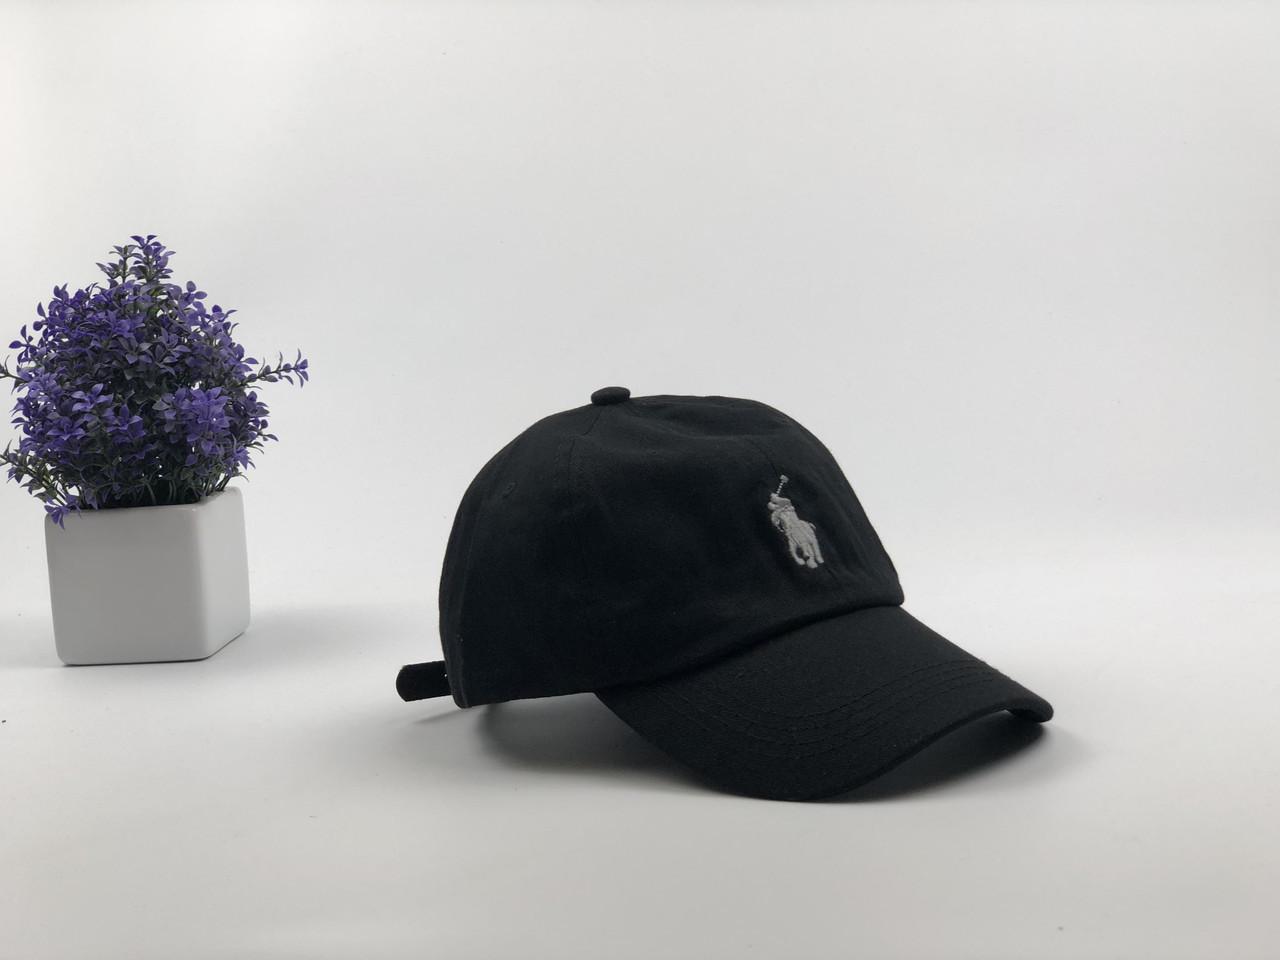 Кепка бейсболка Polo Ralph Lauren (черная с белым лого) с кожаным ремешком